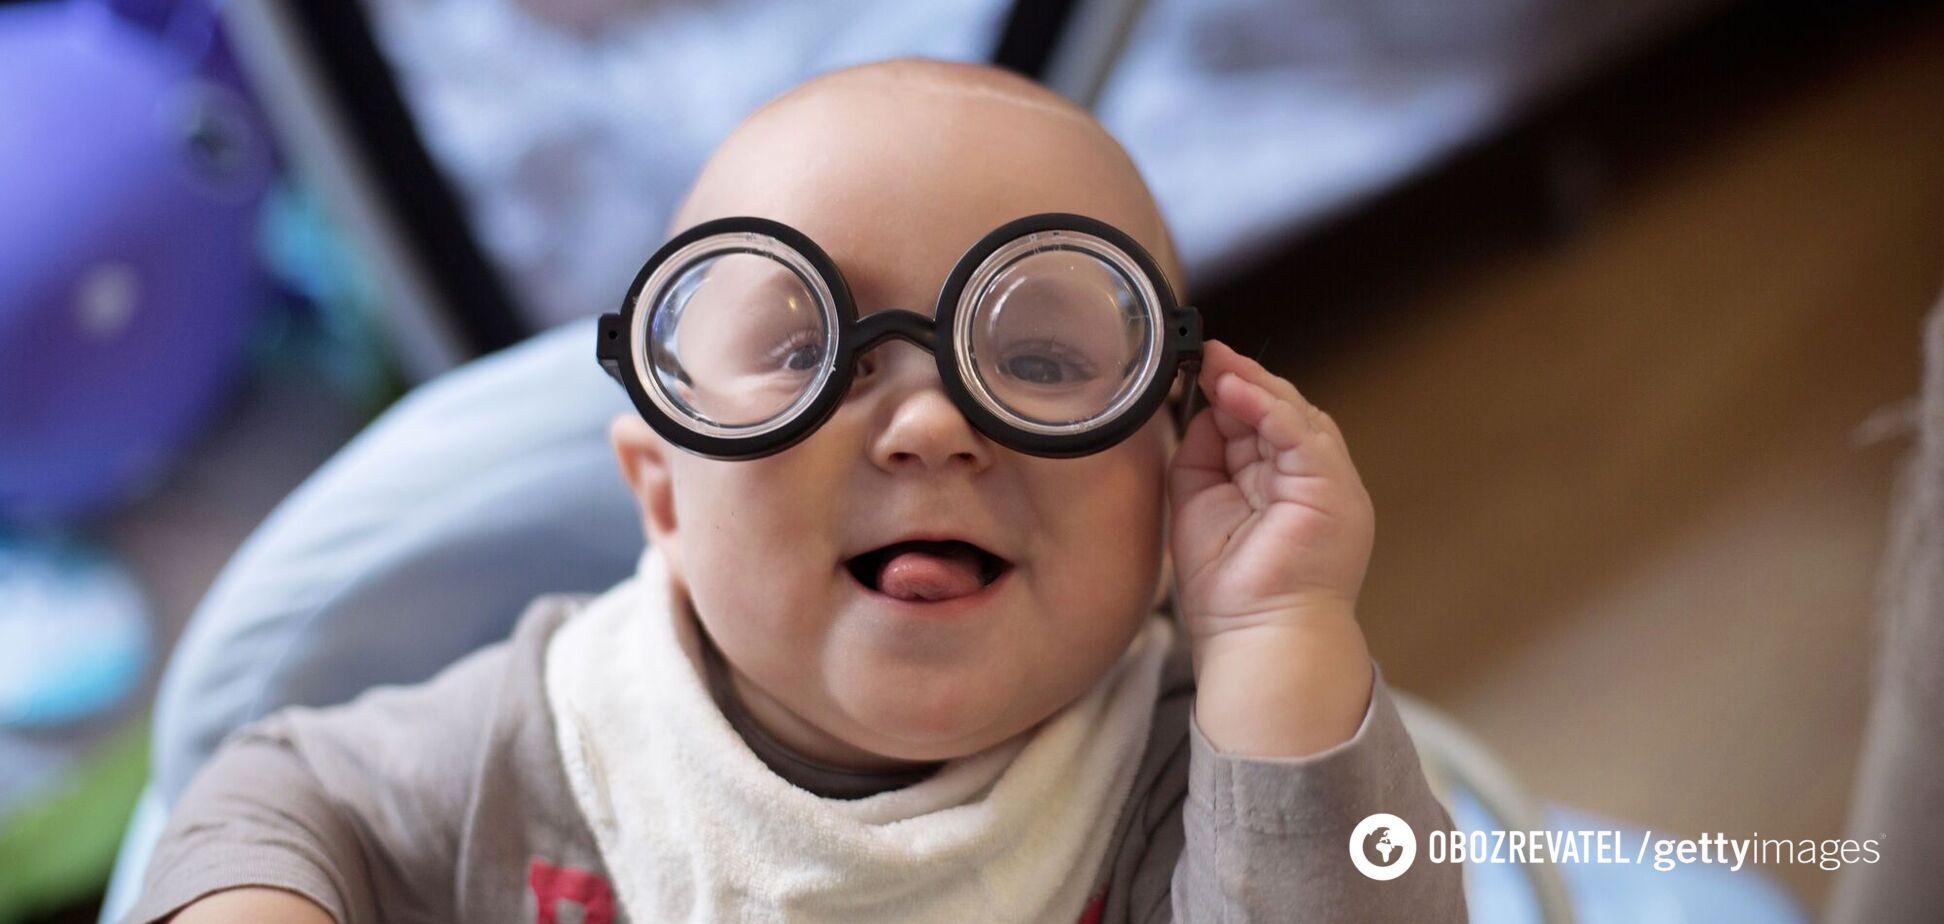 В Китае создали 'умные' очки, которые могут замедлить потерю зрения